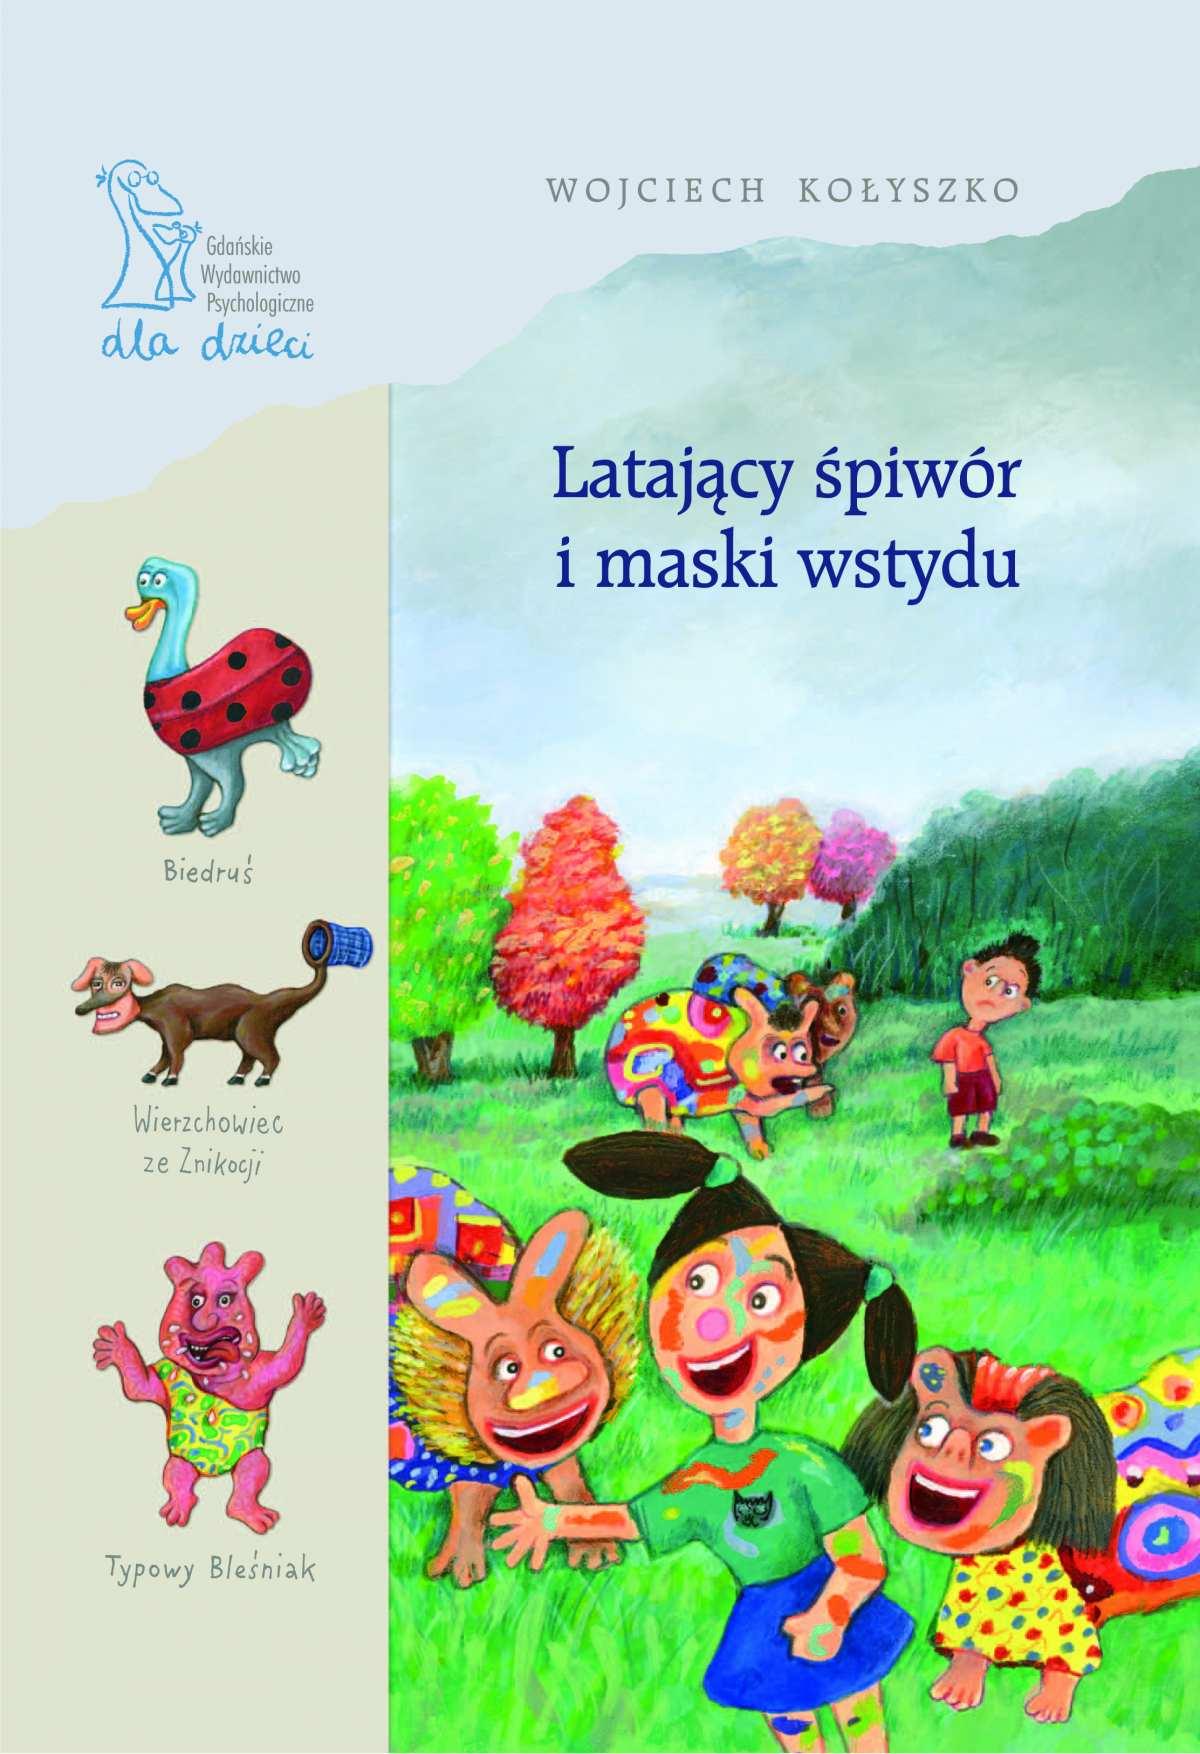 Latający śpiwór i maski wstydu - Ebook (Książka PDF) do pobrania w formacie PDF